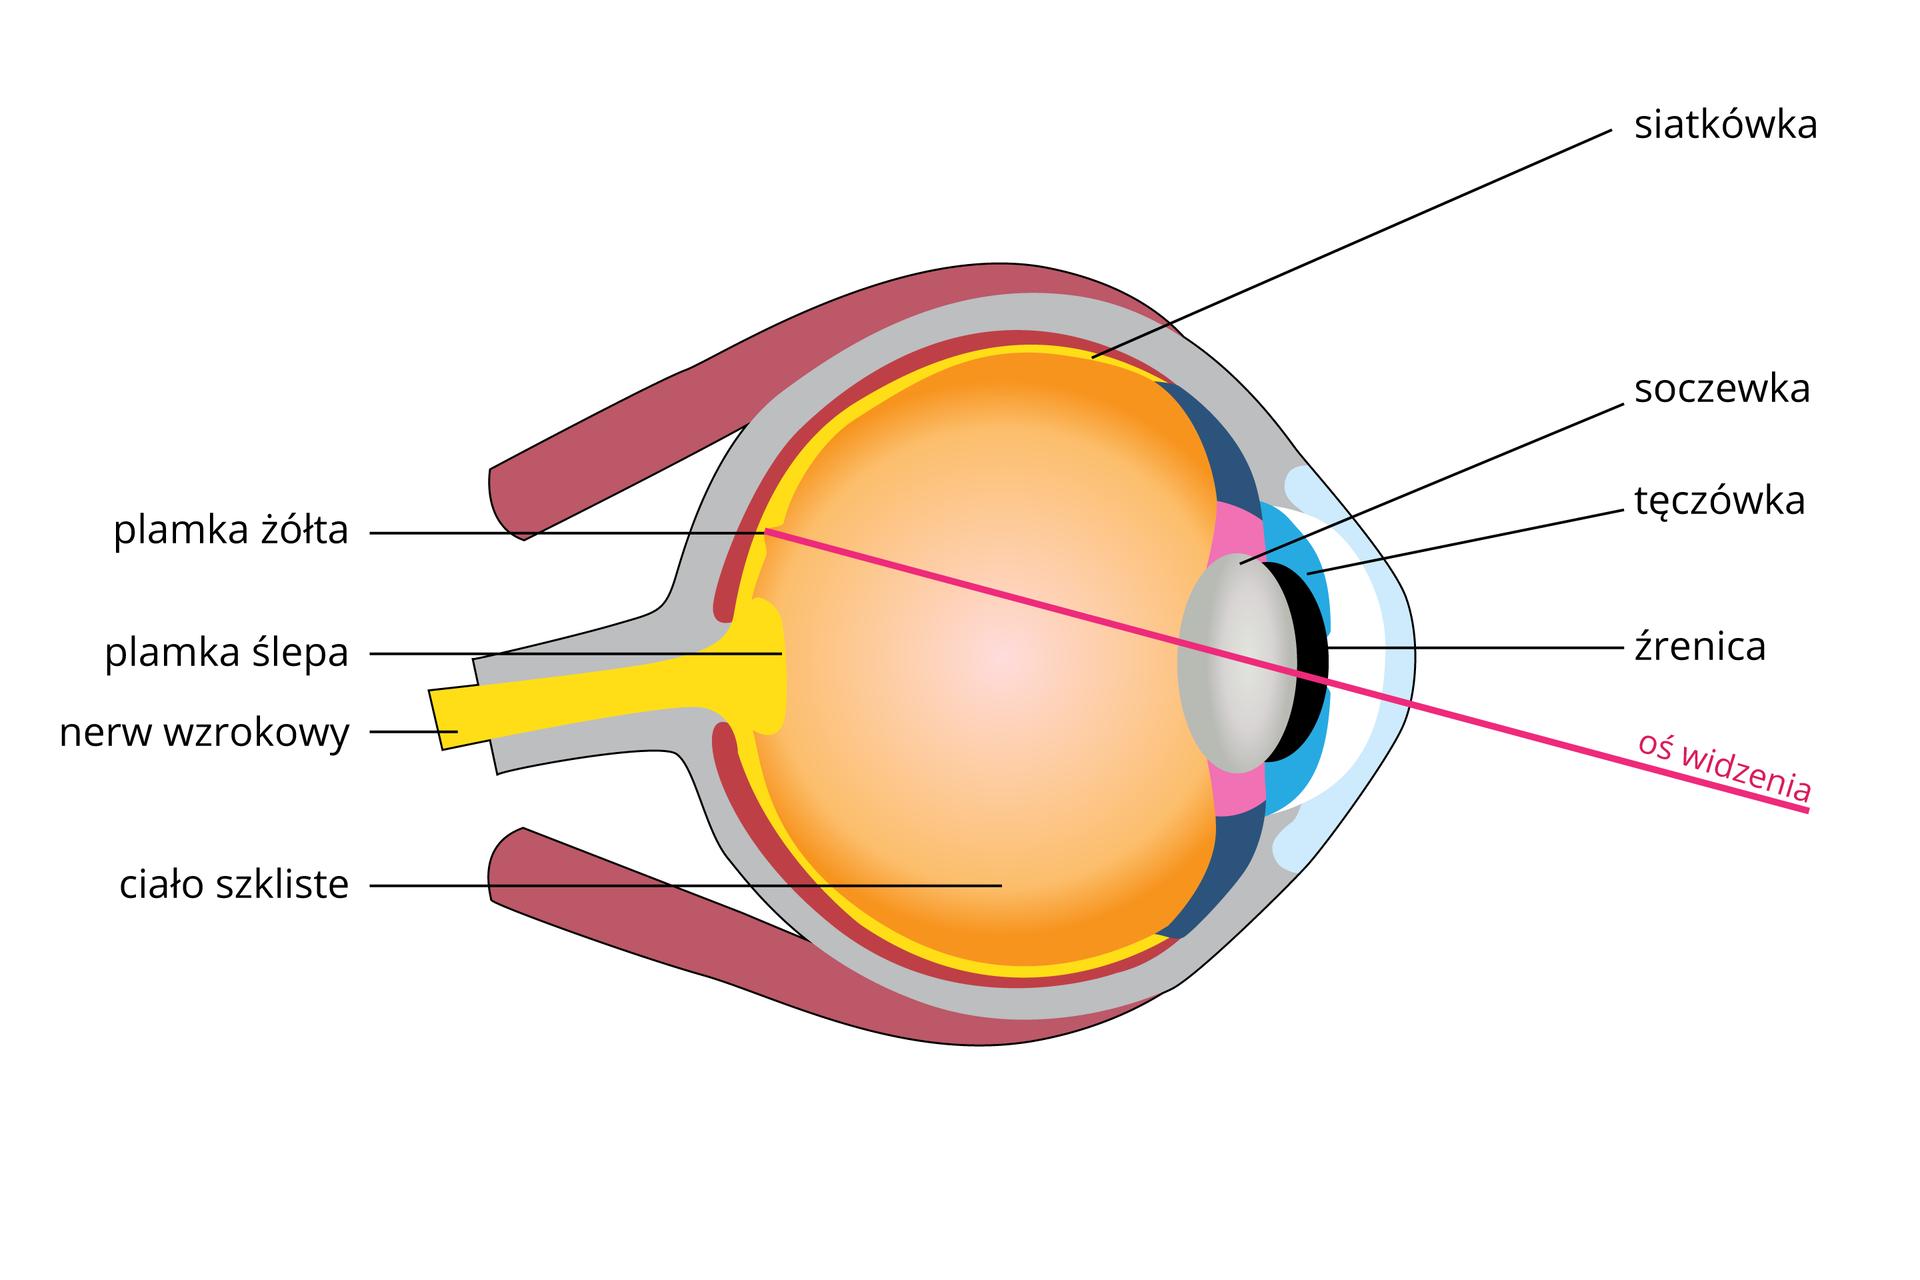 Ilustracja przedstawia schematyczny przekrój przez gałkę oczną. Oko zwrócone wprawo; na rysunku różowa linia oznacza oś widzenia. Zlewej żółty nerw wzrokowy ze zgrubieniem na końcu, plamką ślepą. Żółta jest także siatkówka. Na niej punkt najlepszego widzenia, plamka żółta. Wnętrze gałki ocznej wypełnione pomarańczowym ciałem szklistym. Zprawej szara soczewka za czarnym otworem źrenicy wturkusowej tęczówce.